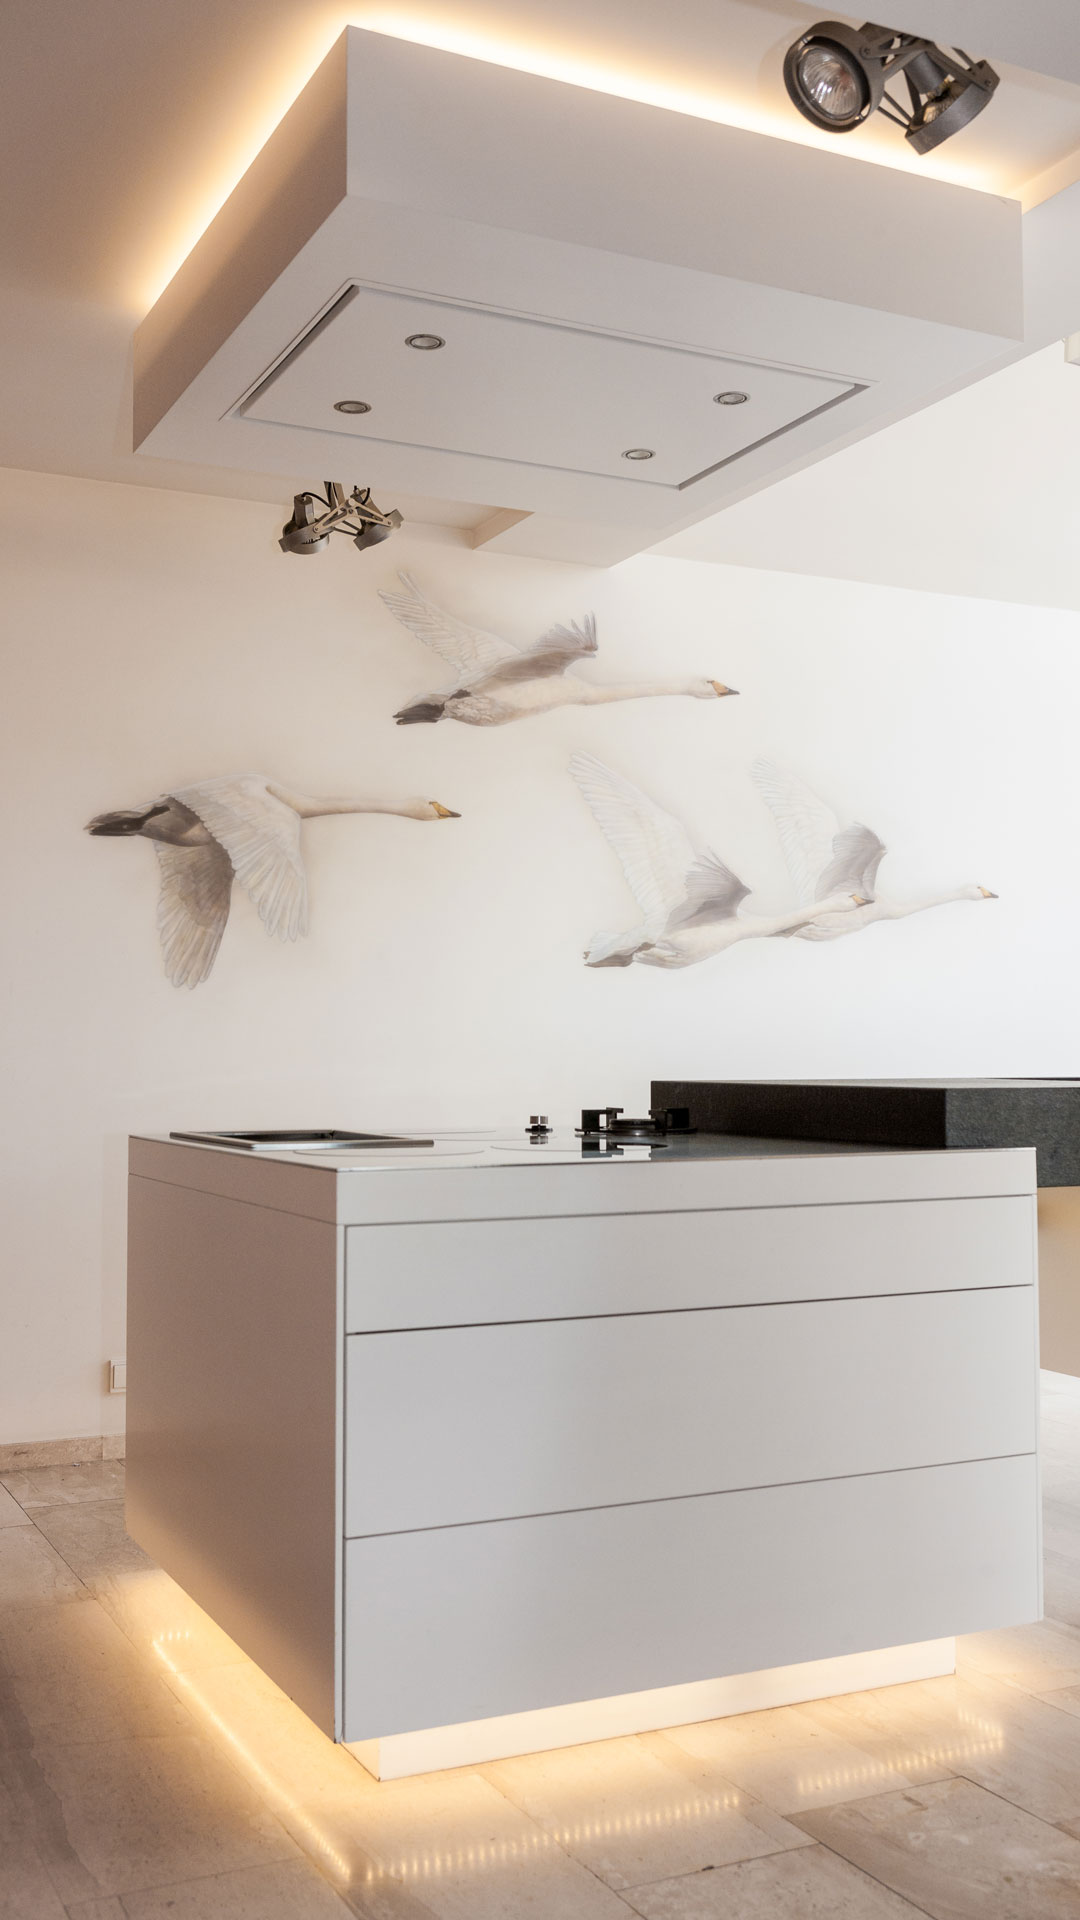 Exclusieve zwanen muurschildering in mooie design keuken